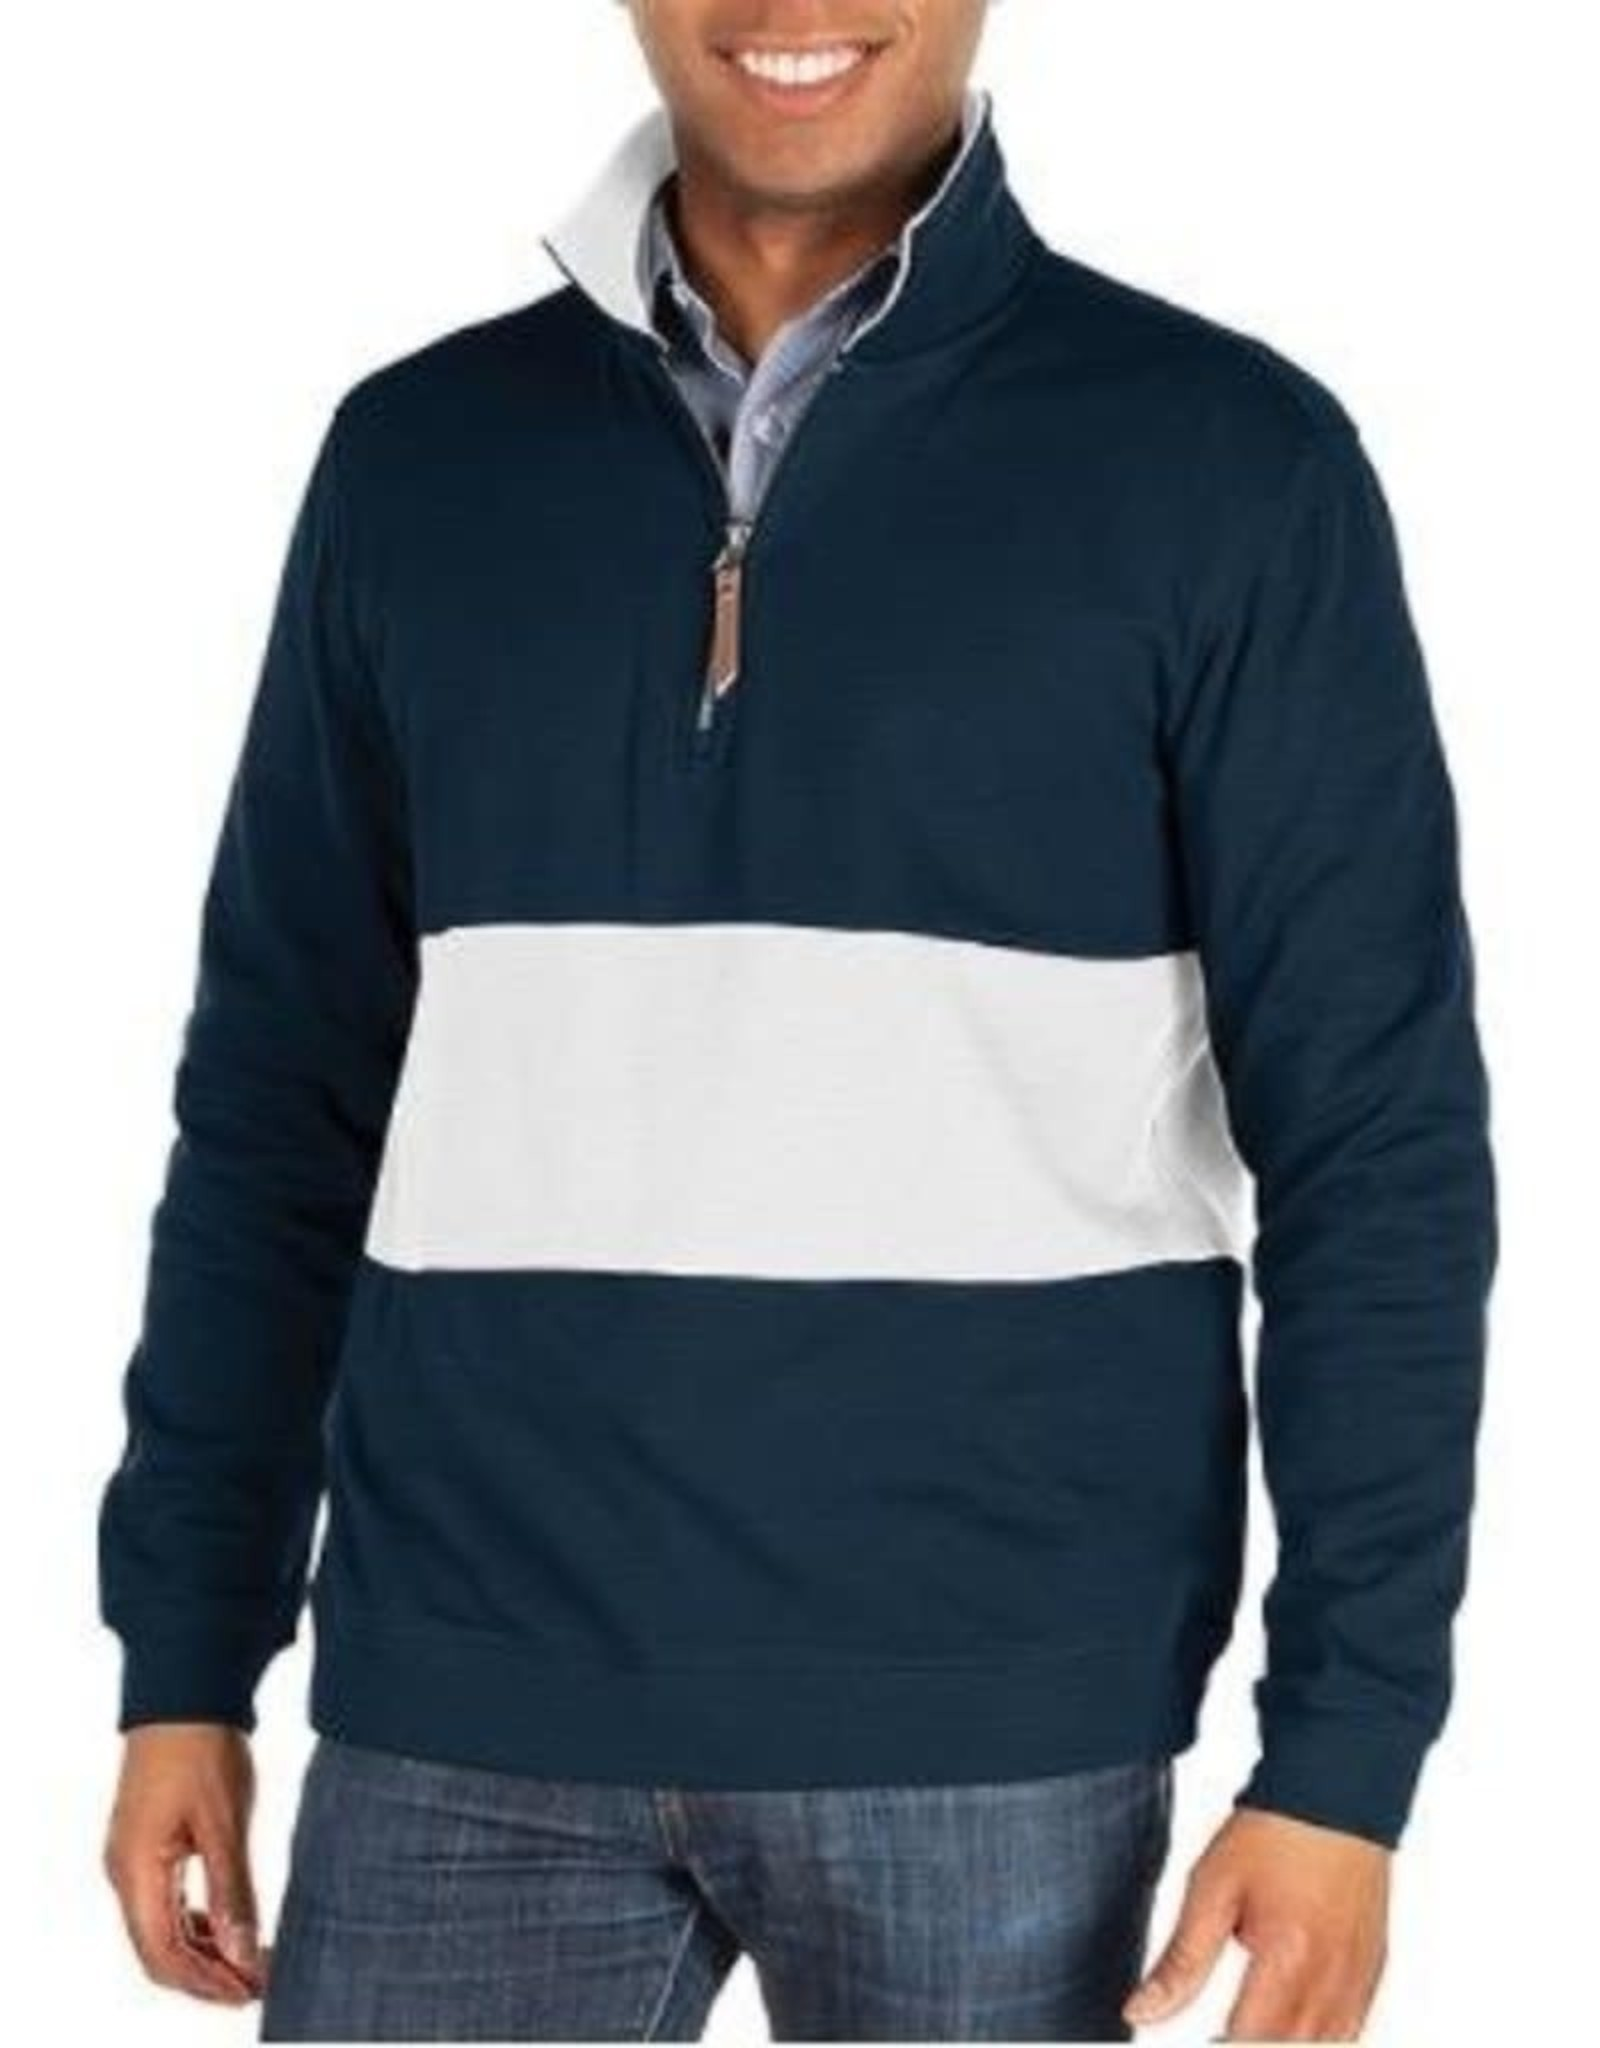 NON-UNIFORM 1/4 Zip Pullover - Custom Quad Pullover, unisex